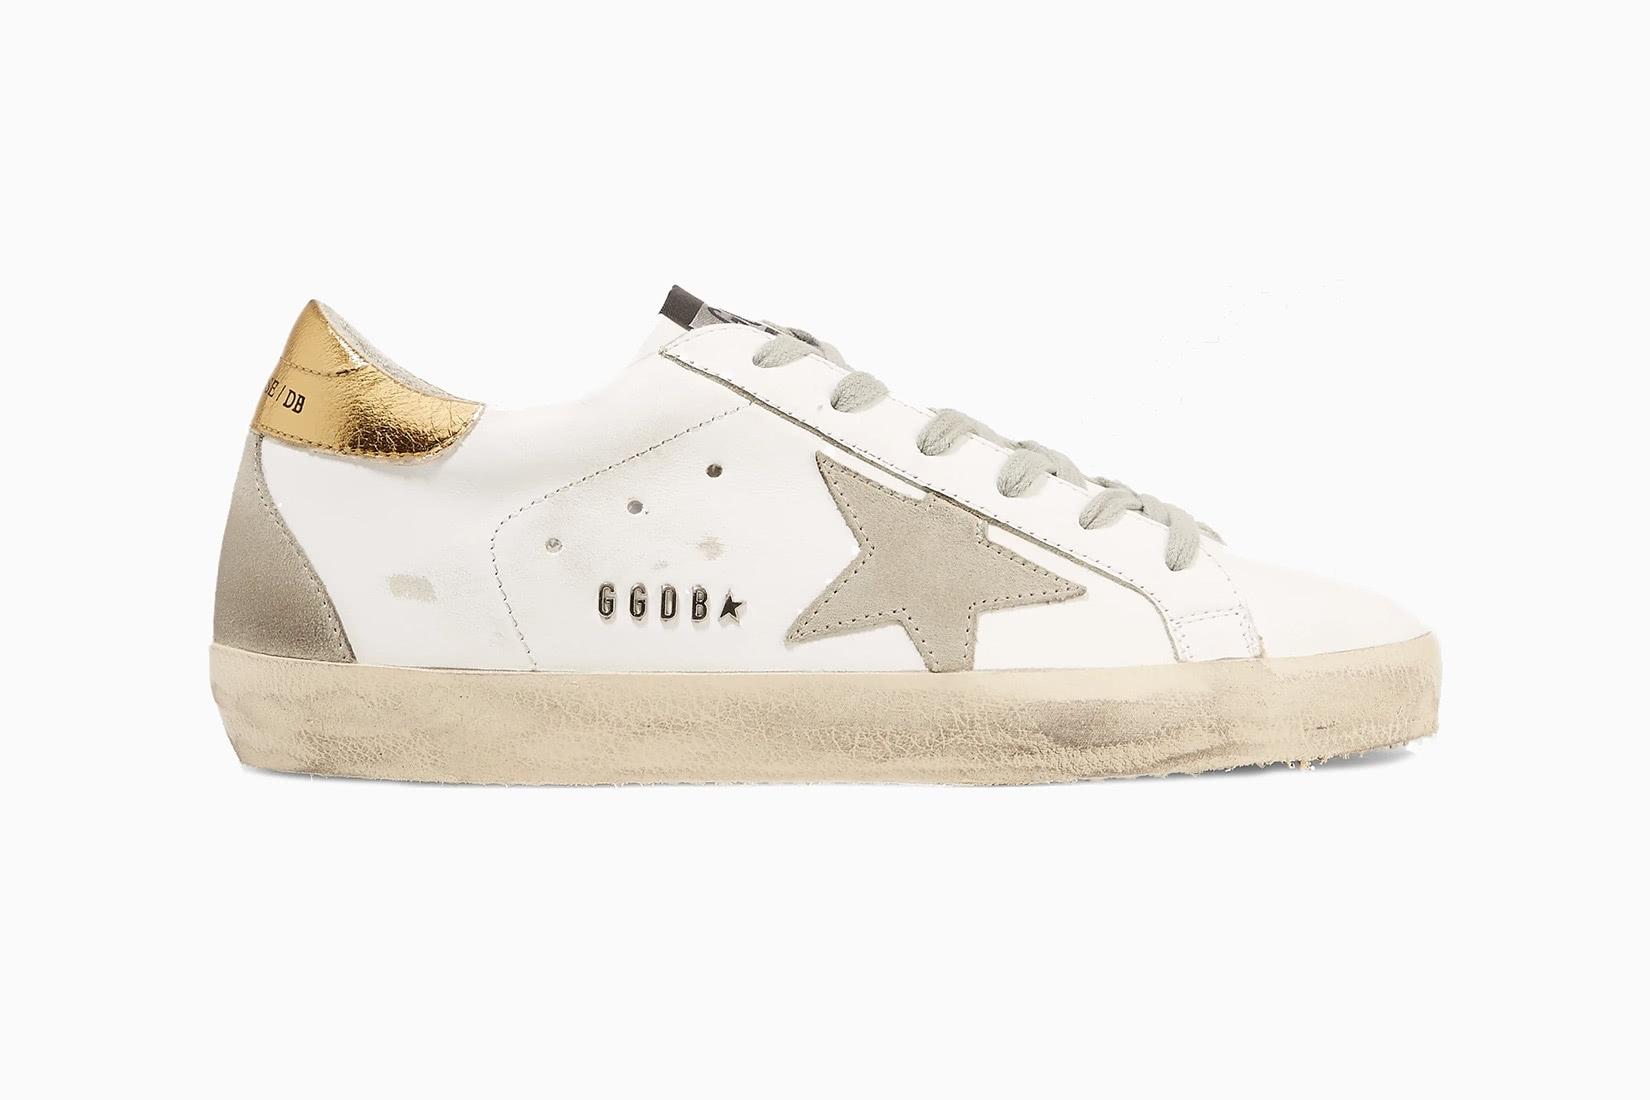 best women walking shoes golden goose superstar sneakers - Luxe Digital